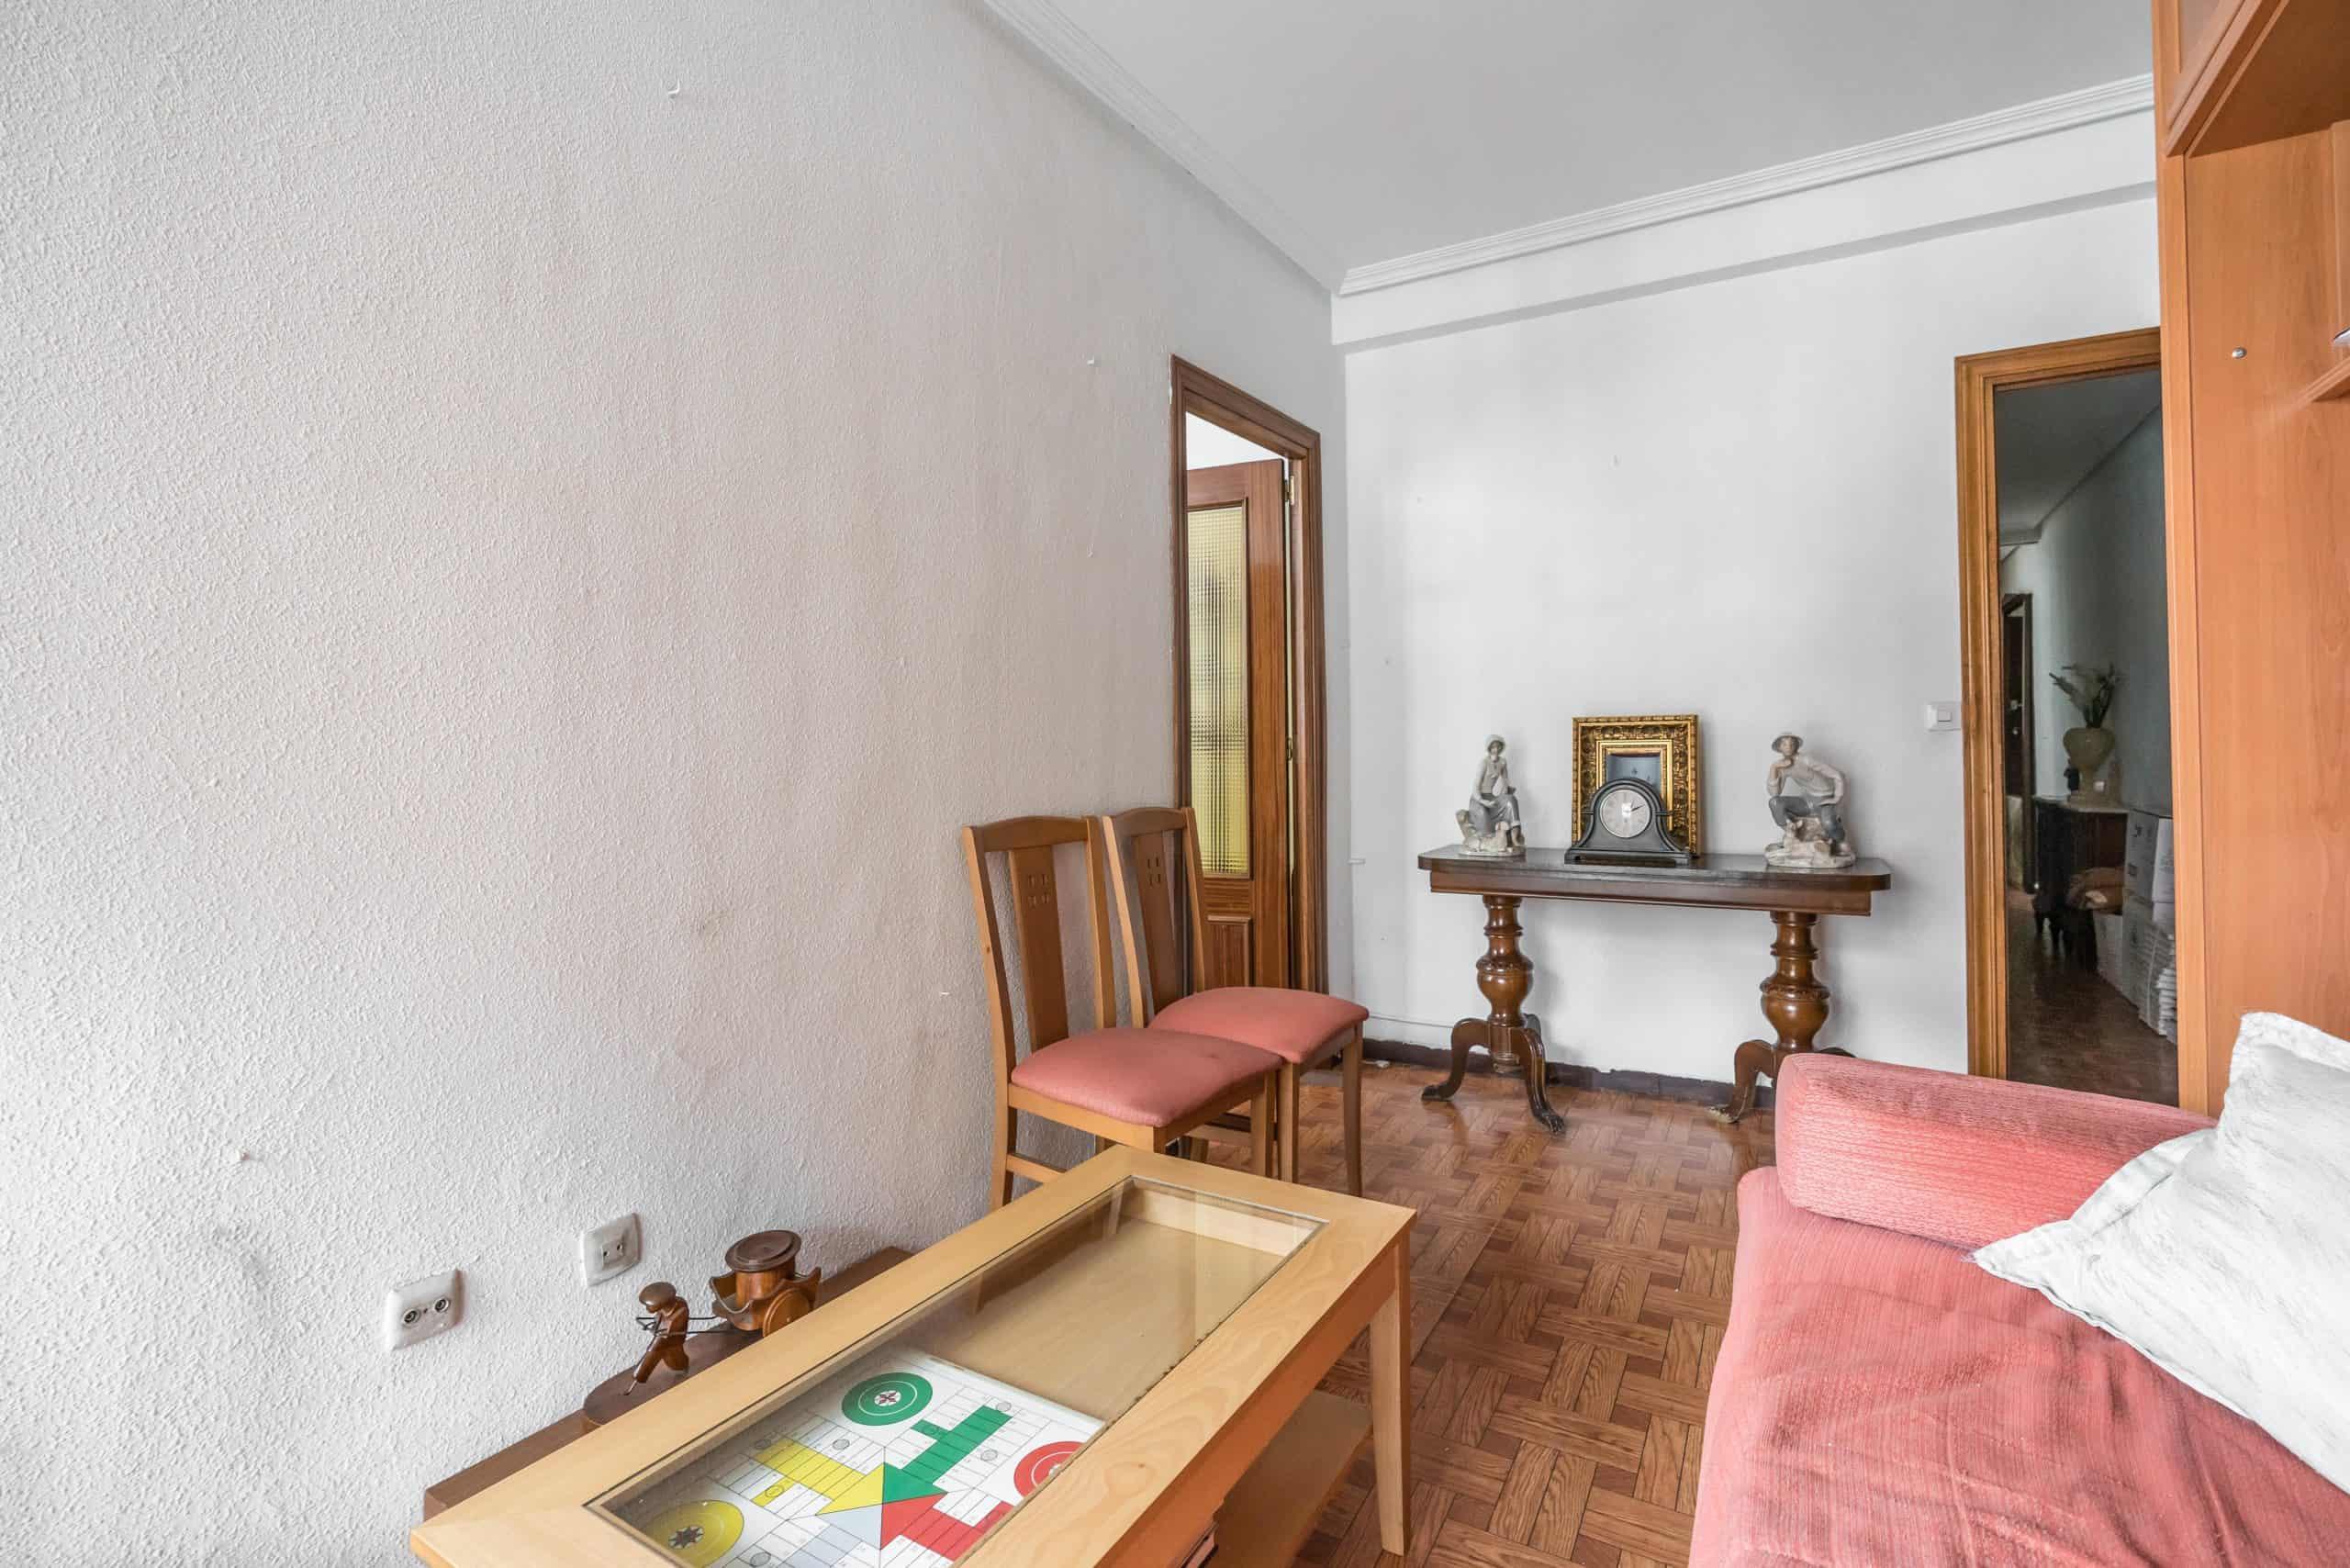 Agencia Inmobiliaria de Madrid-FUTUROCASA-Zona ARGANZUELA-LEGAZPI -calle Jaime Conquistador 27- Salón 4